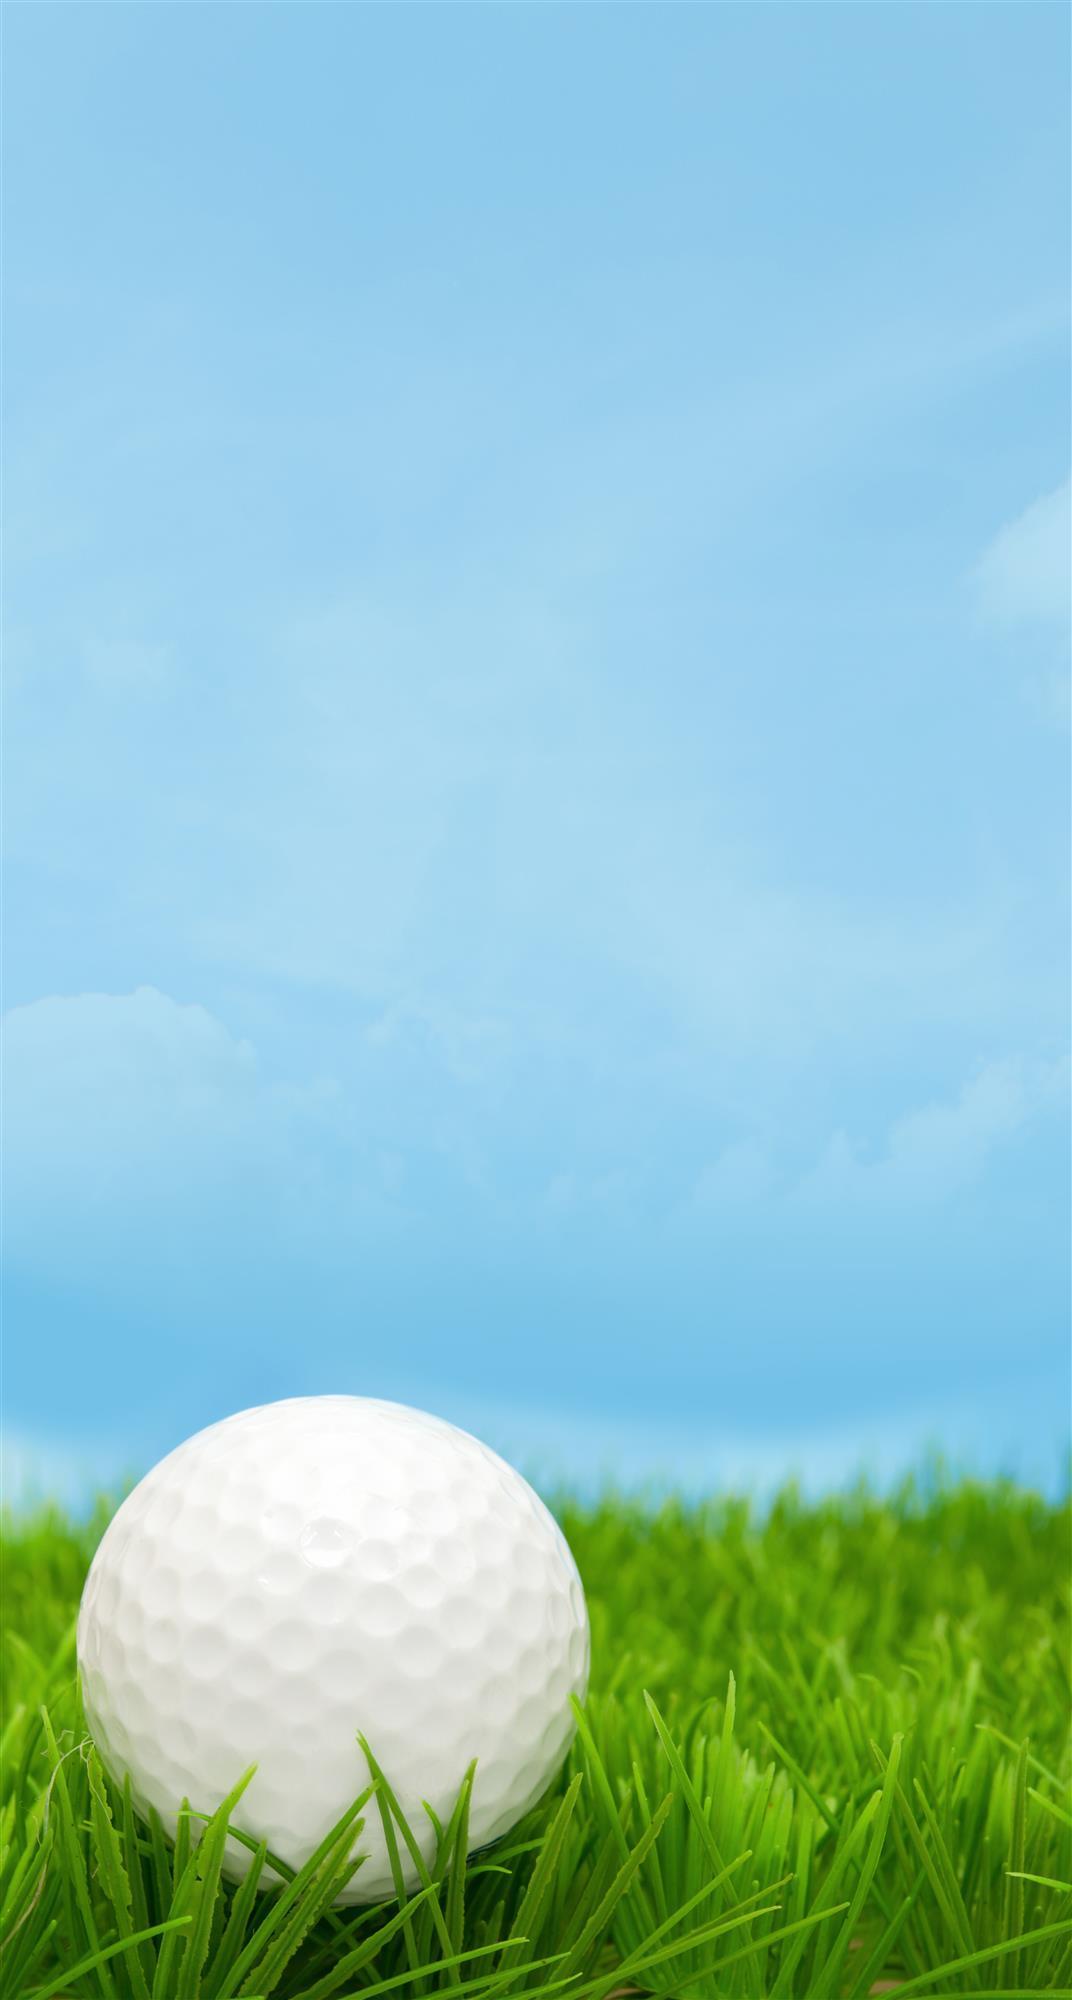 Golf Ball Landing On Grass